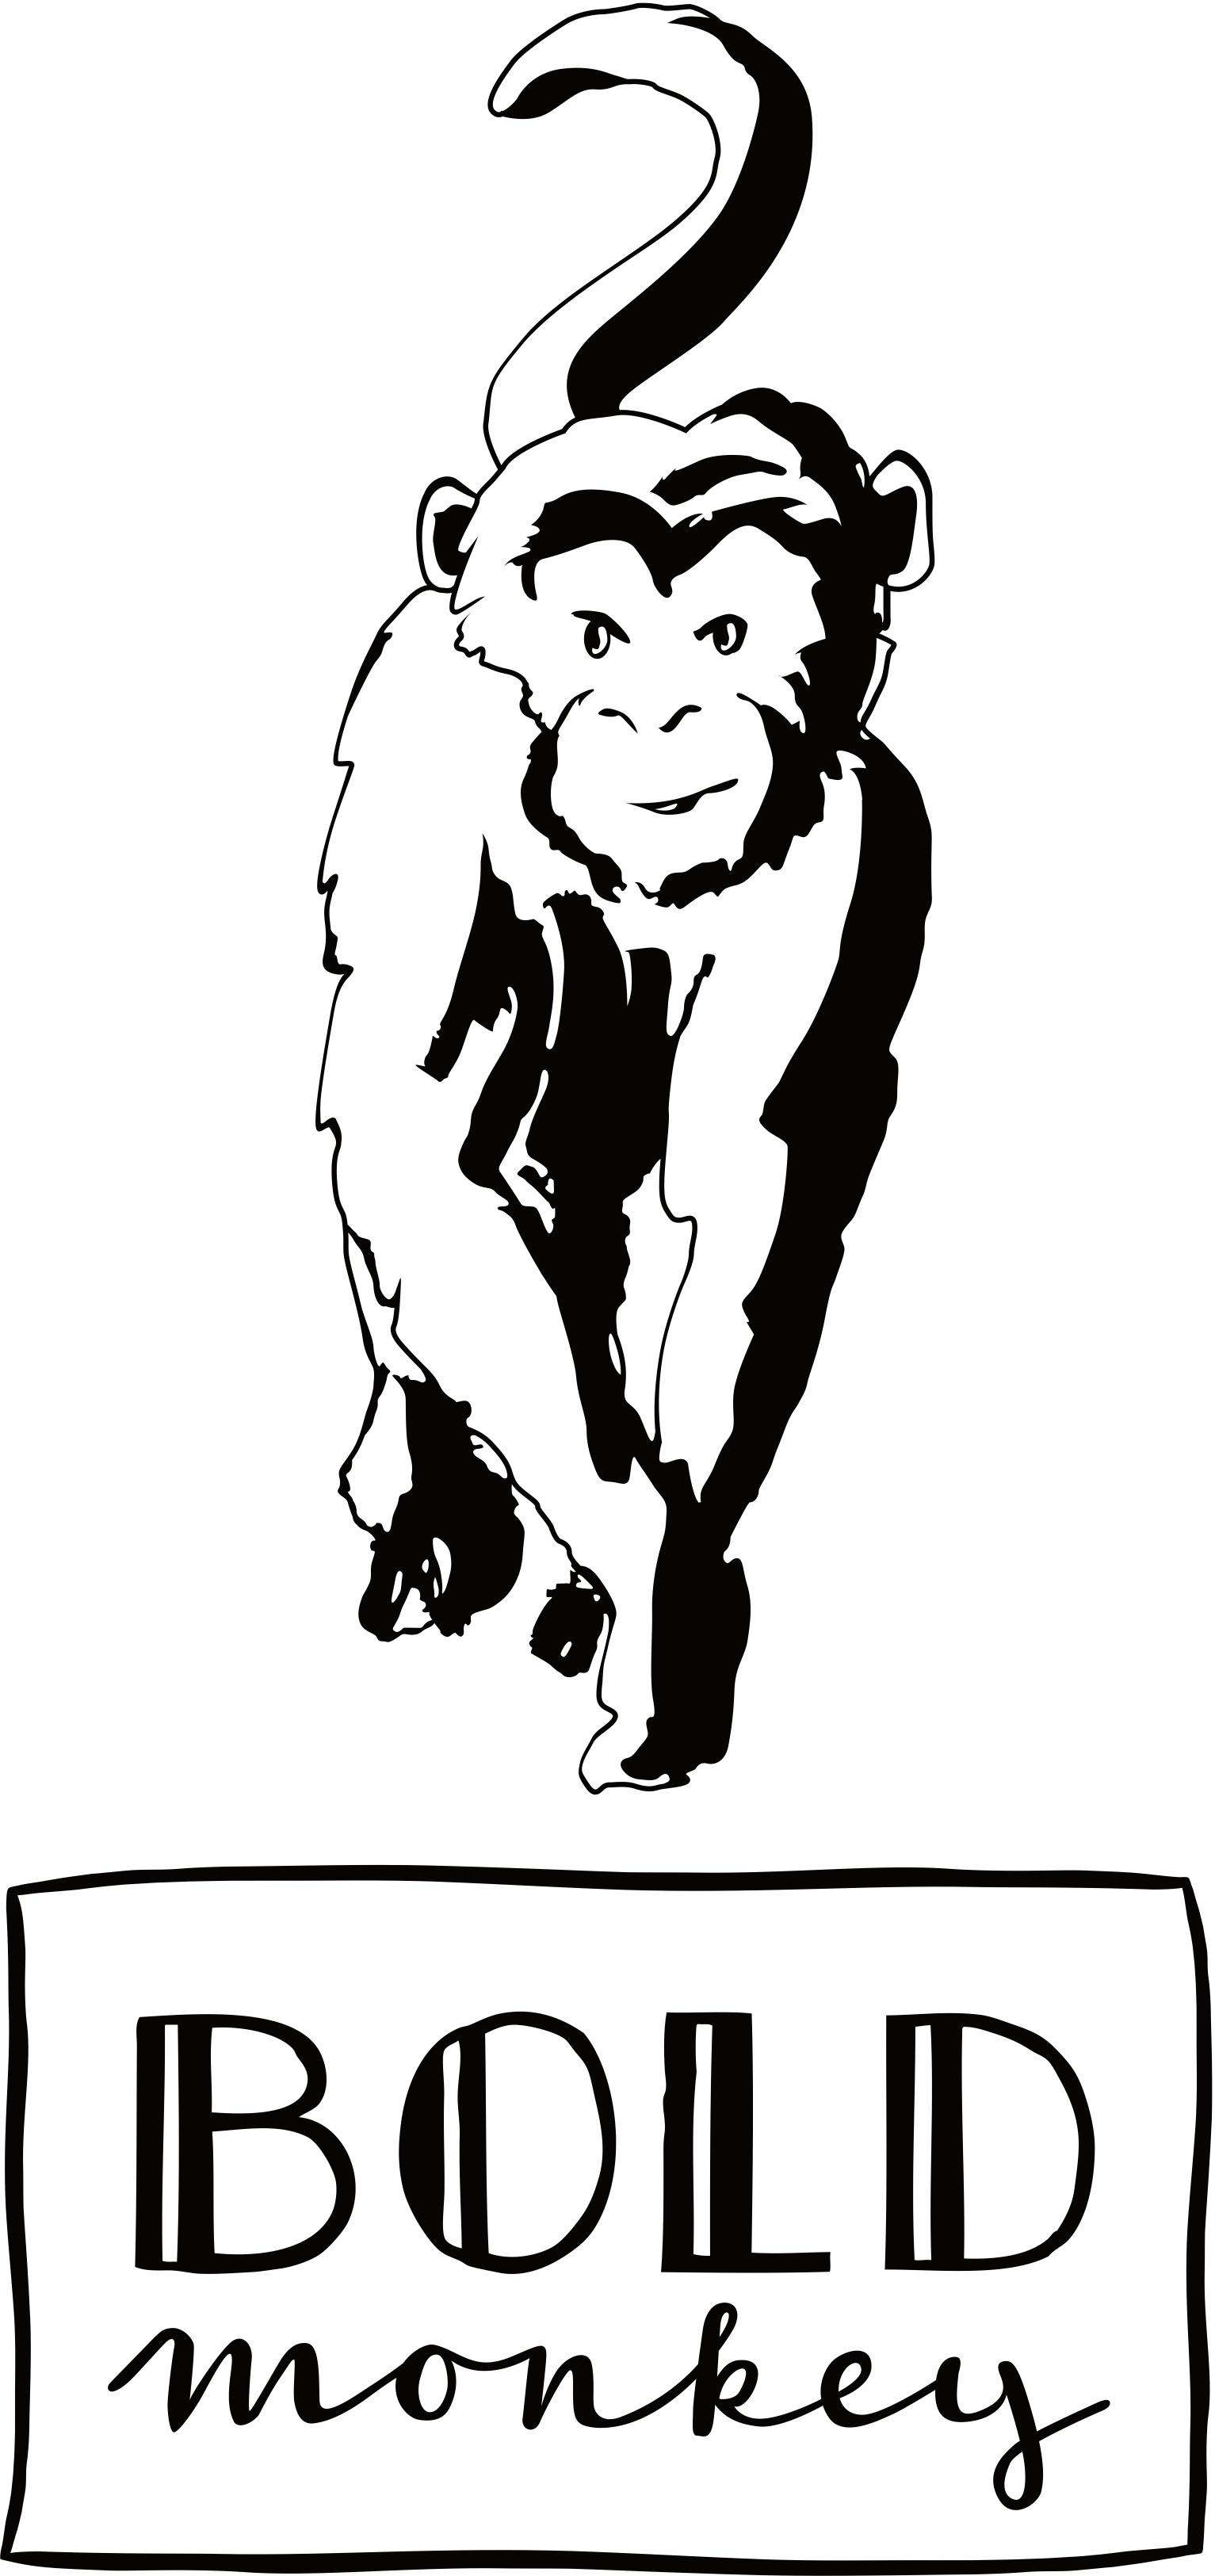 Bold Monkey Claws Out panter stoel eetkamerstoel met rugleuning dierenprint set van 2